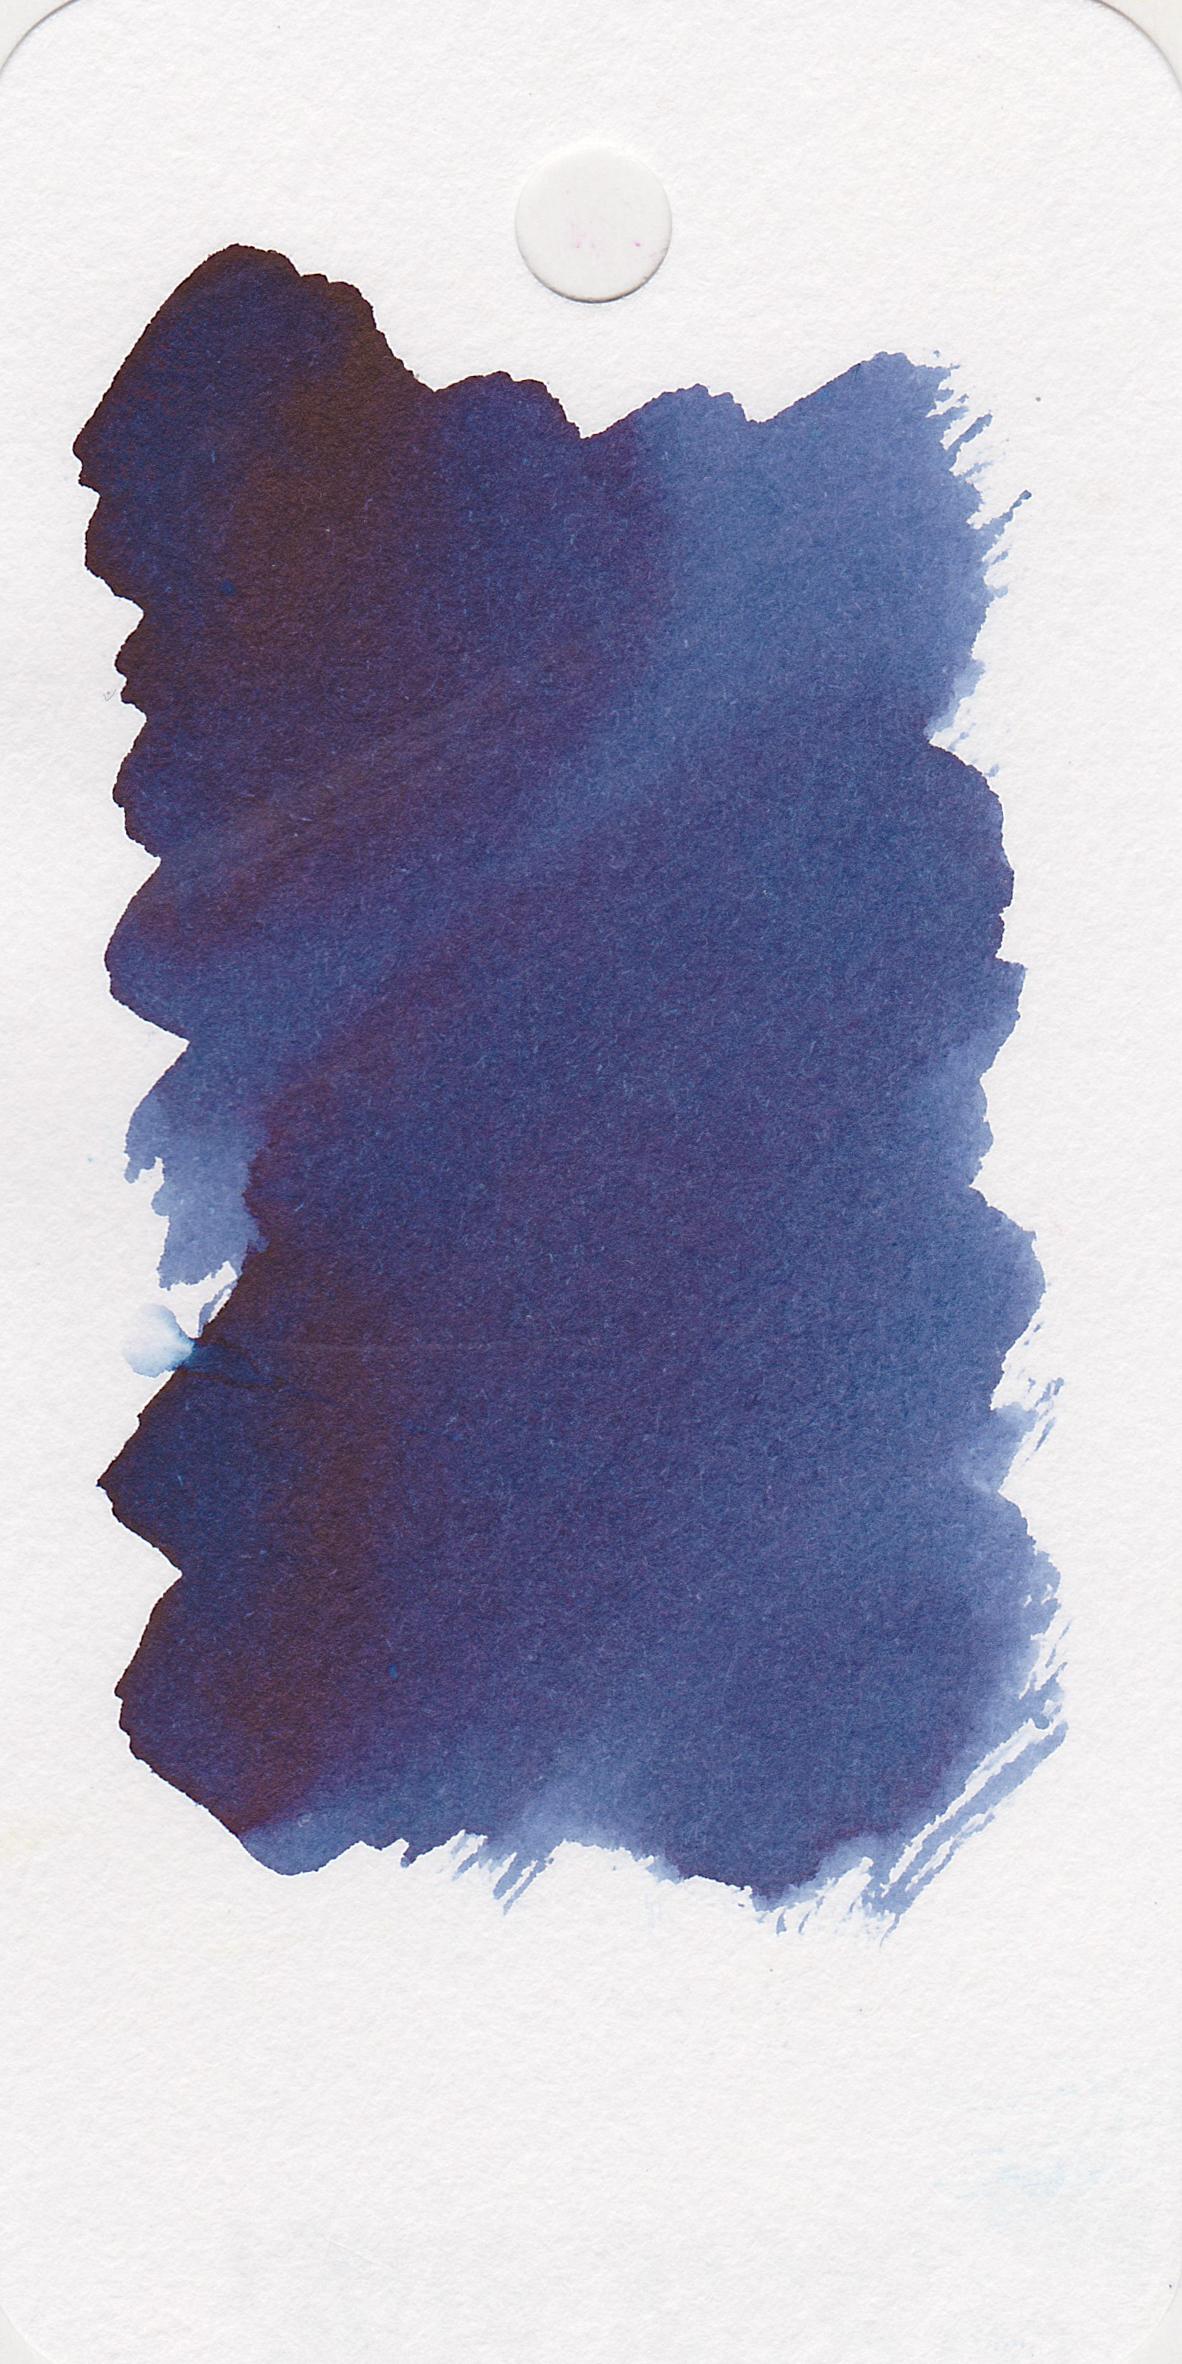 ro-darkstar-blue-5.jpg